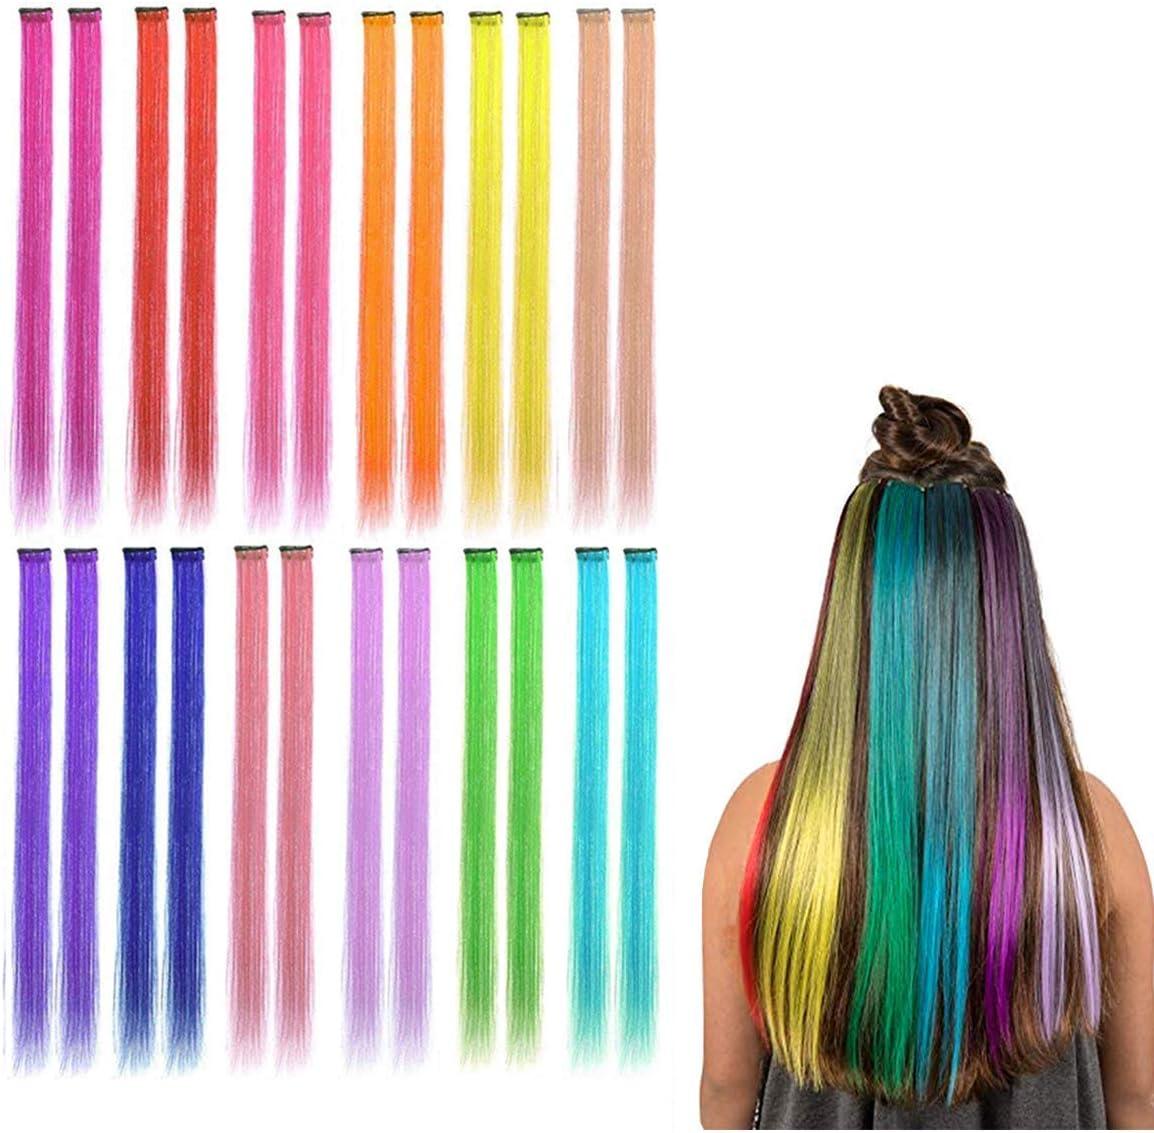 Faneli 12 extensiones de pelo de colores con clips, color arcoíris, recto, sintético, para niñas y niños